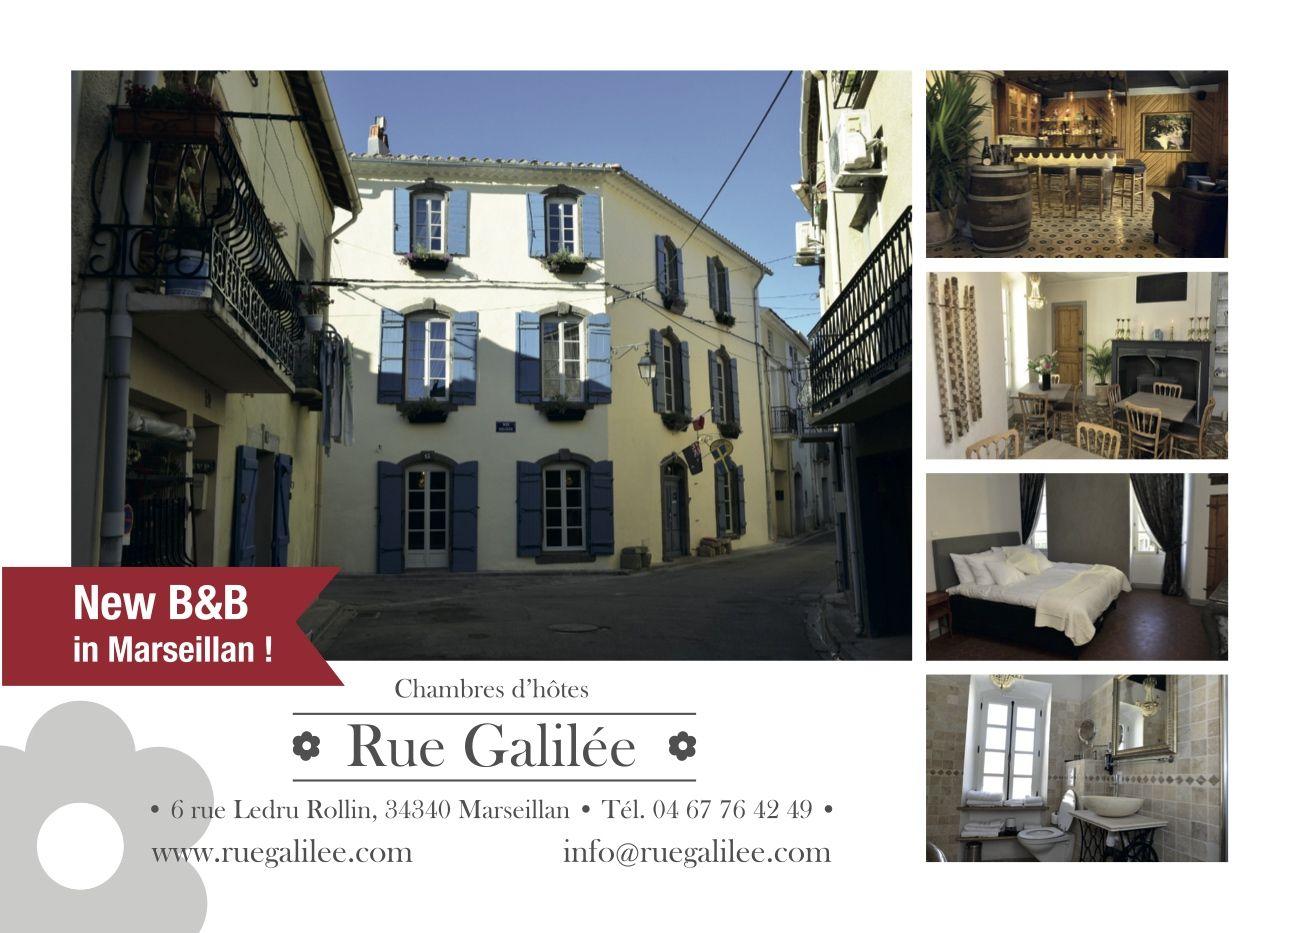 8 Rue Galilee B B Hotel Ideas B B Hotel Rue